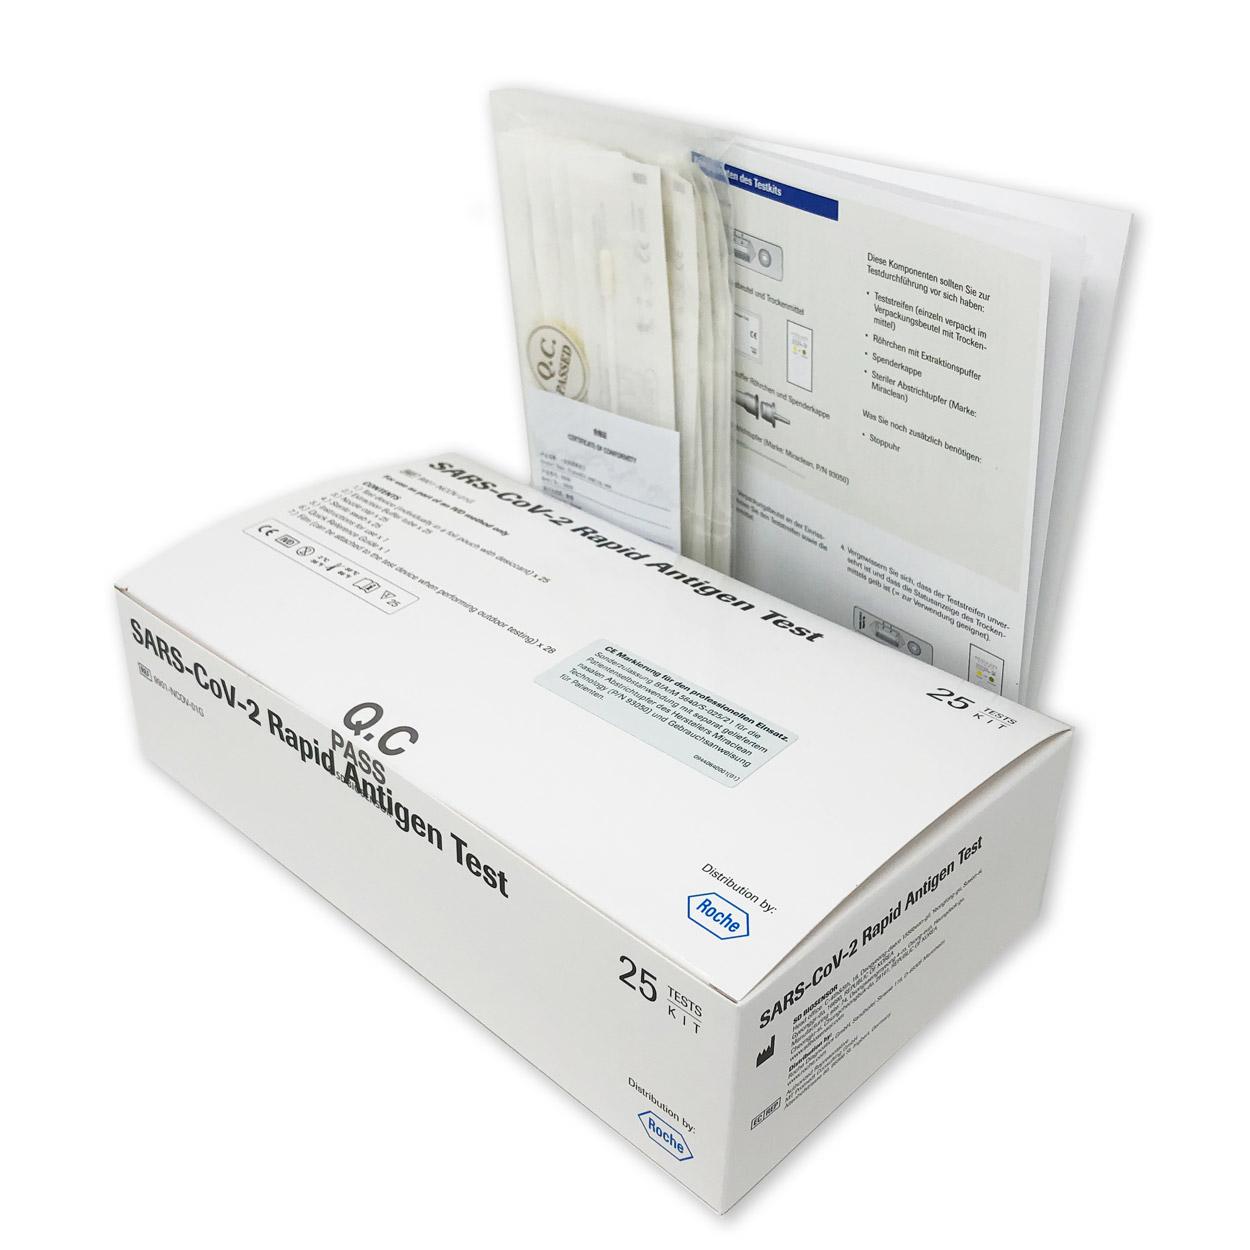 Roche Nasen-Abstrich-Test für Laien - Corona Antigen-Schnelltest - Packung á 25 Stück